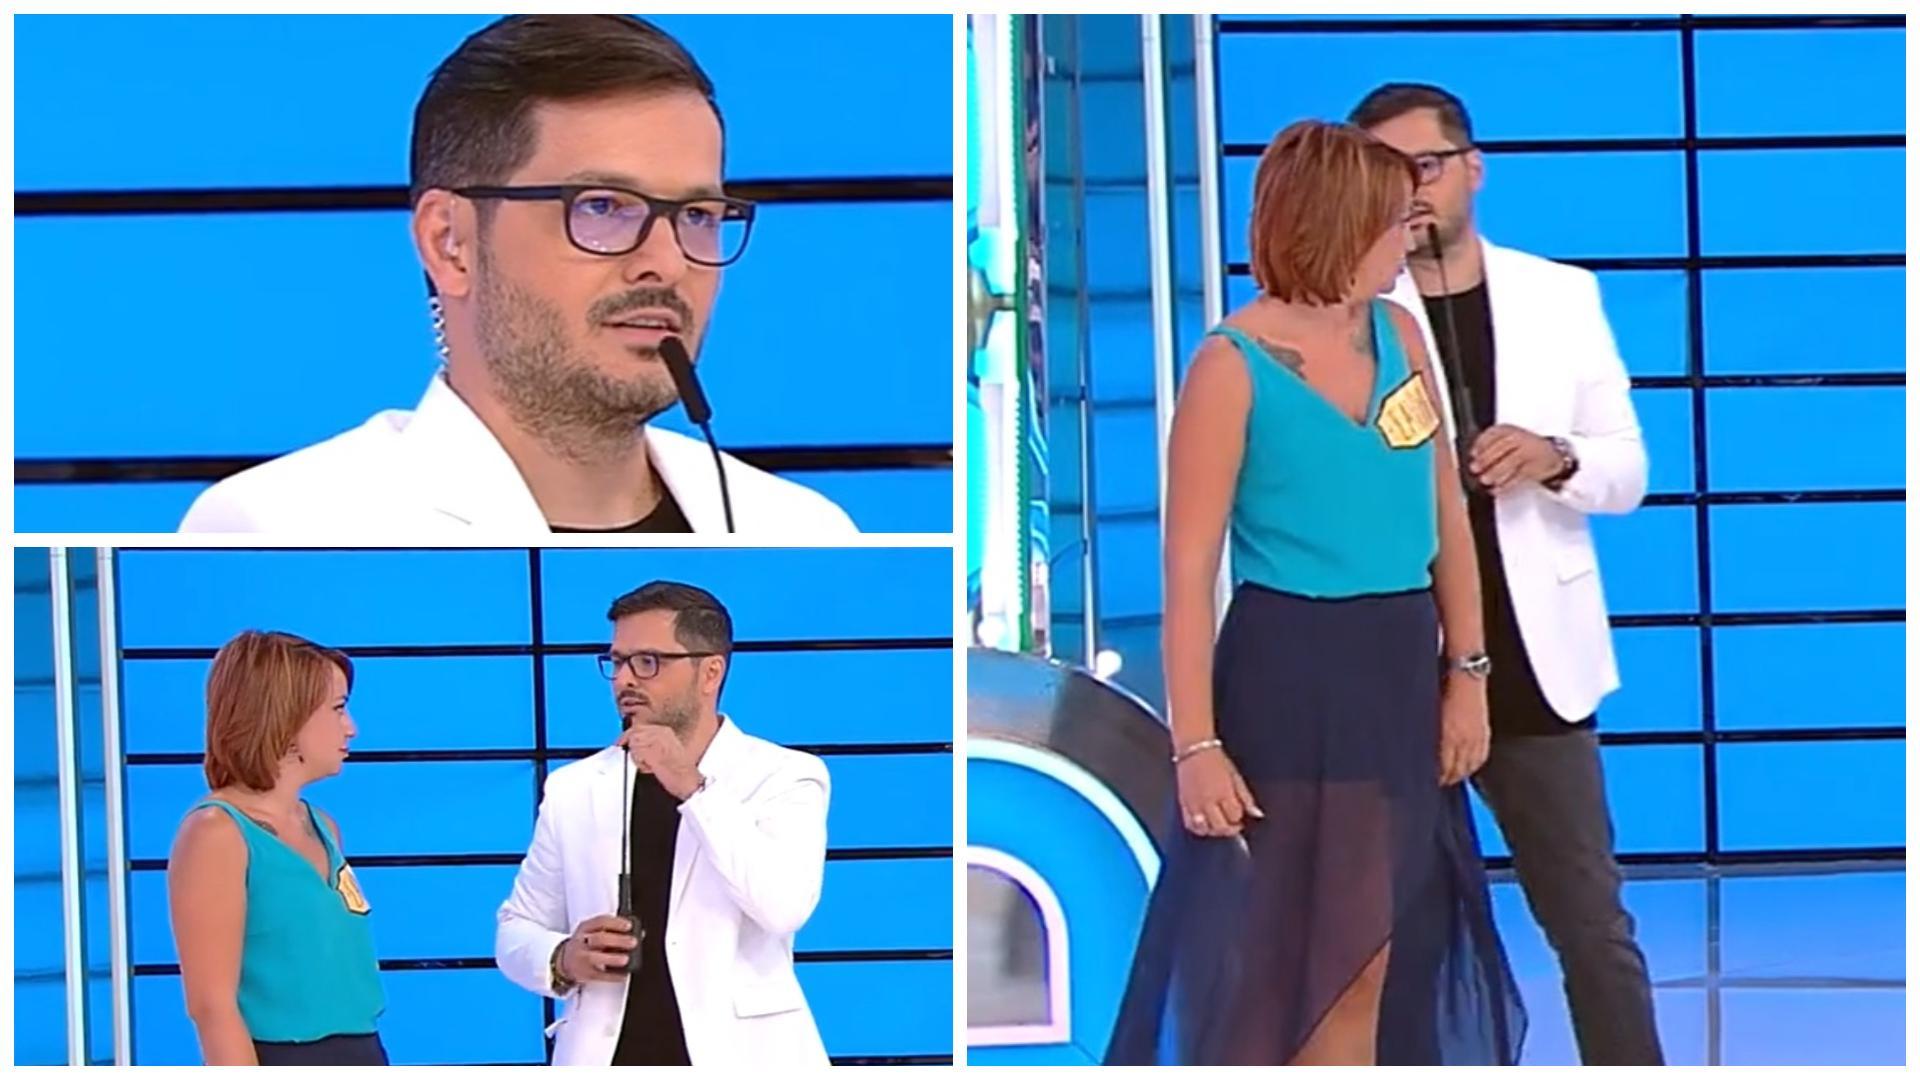 """Prețul cel bun, 20 septembrie 2021. Liviu Vârciu a remarcat un detaliu inedit la concurenta Lavinia: """"Hai să ne întoarcem un pic"""""""